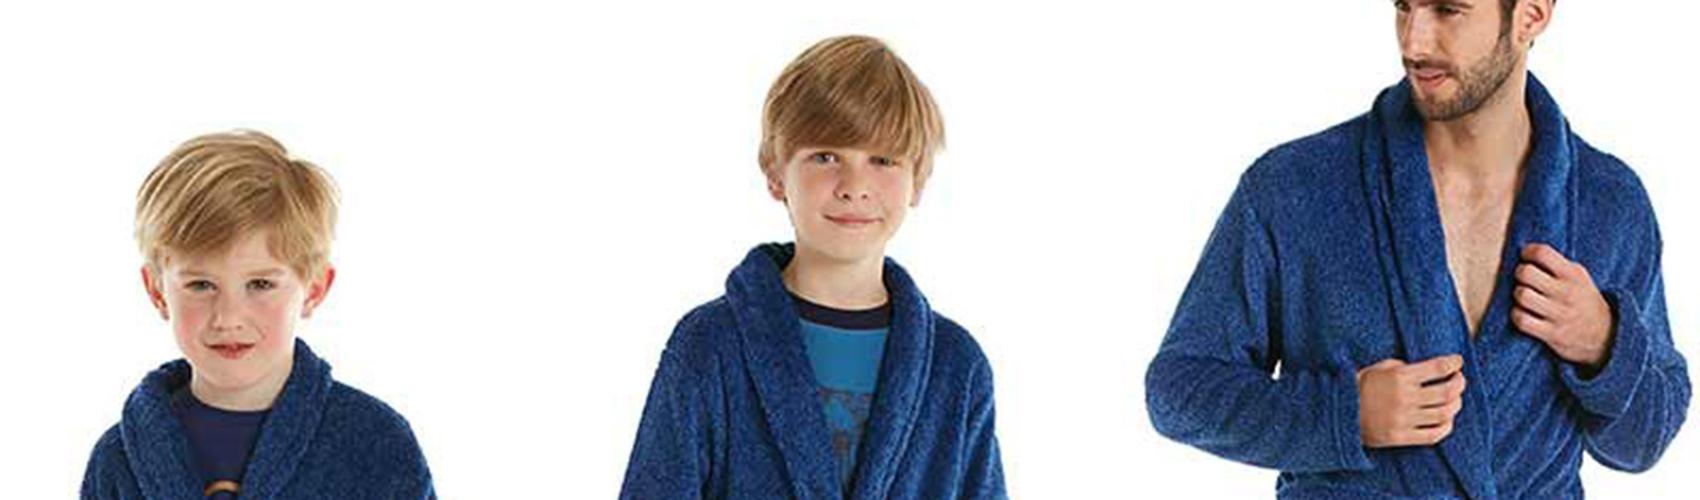 Soorten badjassen voor jongens